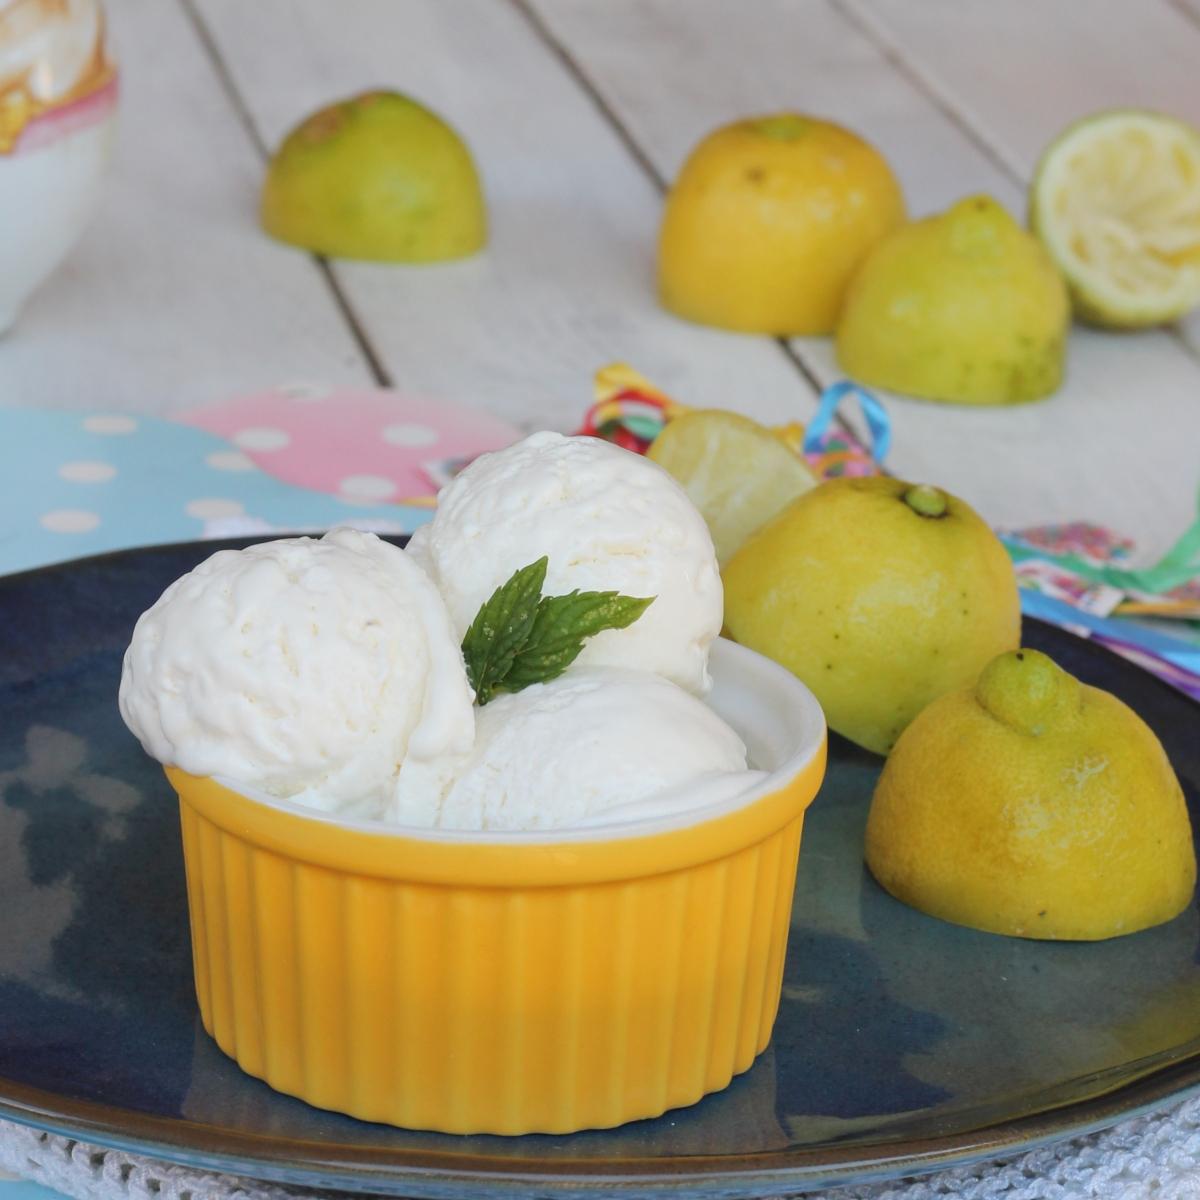 GELATO AL LIMONE con albume  senza gelatiera   gelato al limone fatto in casa facile